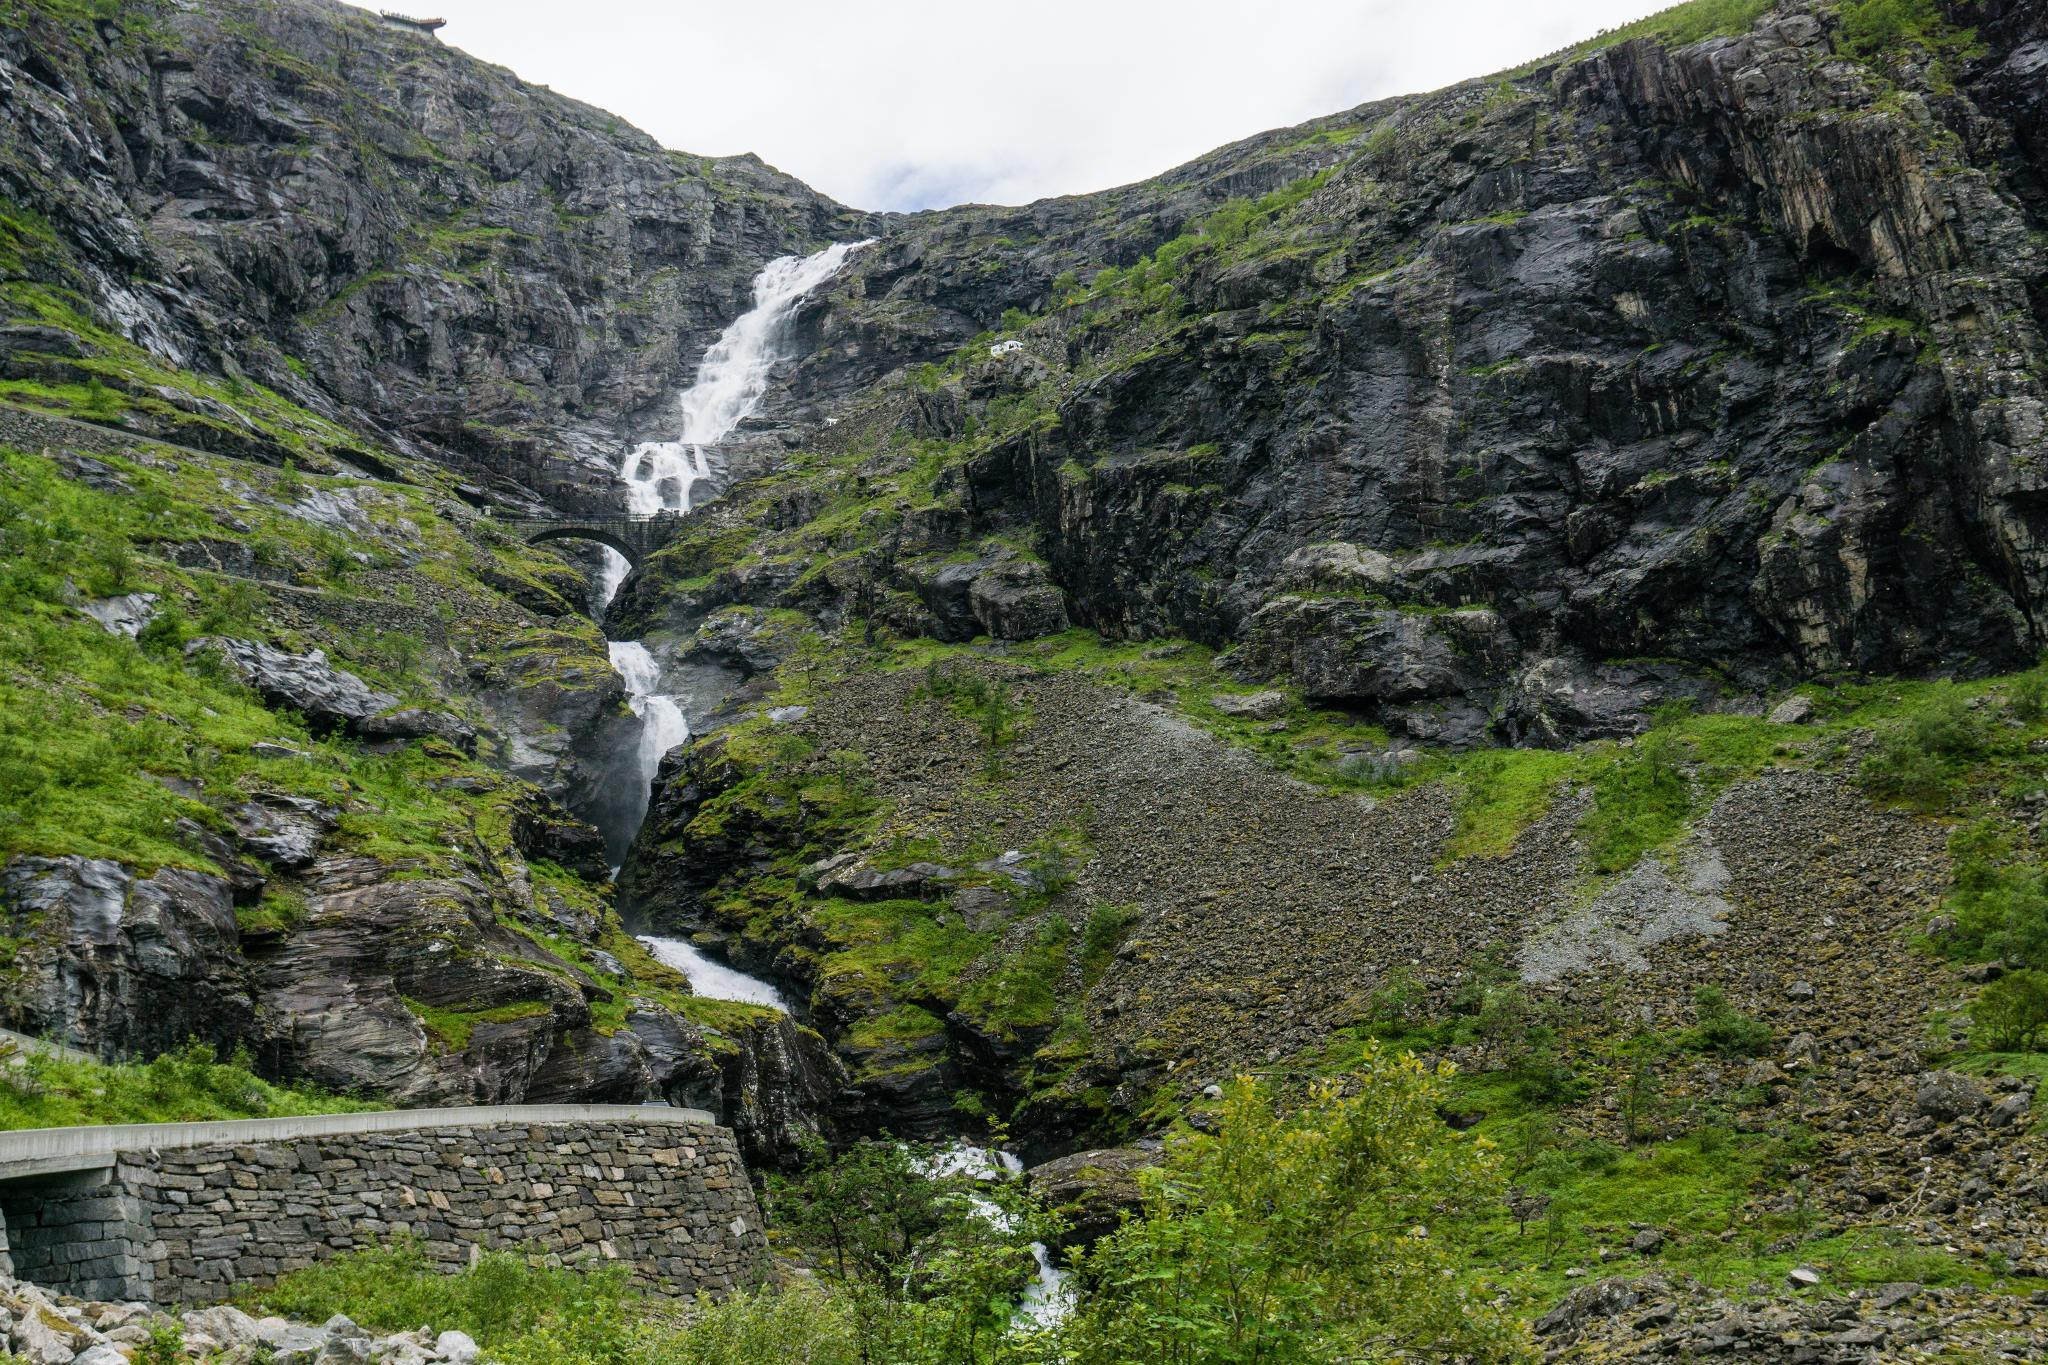 【北歐景點】Trollstigen 精靈之路 ∣ 挪威最驚險的世界級景觀公路 7